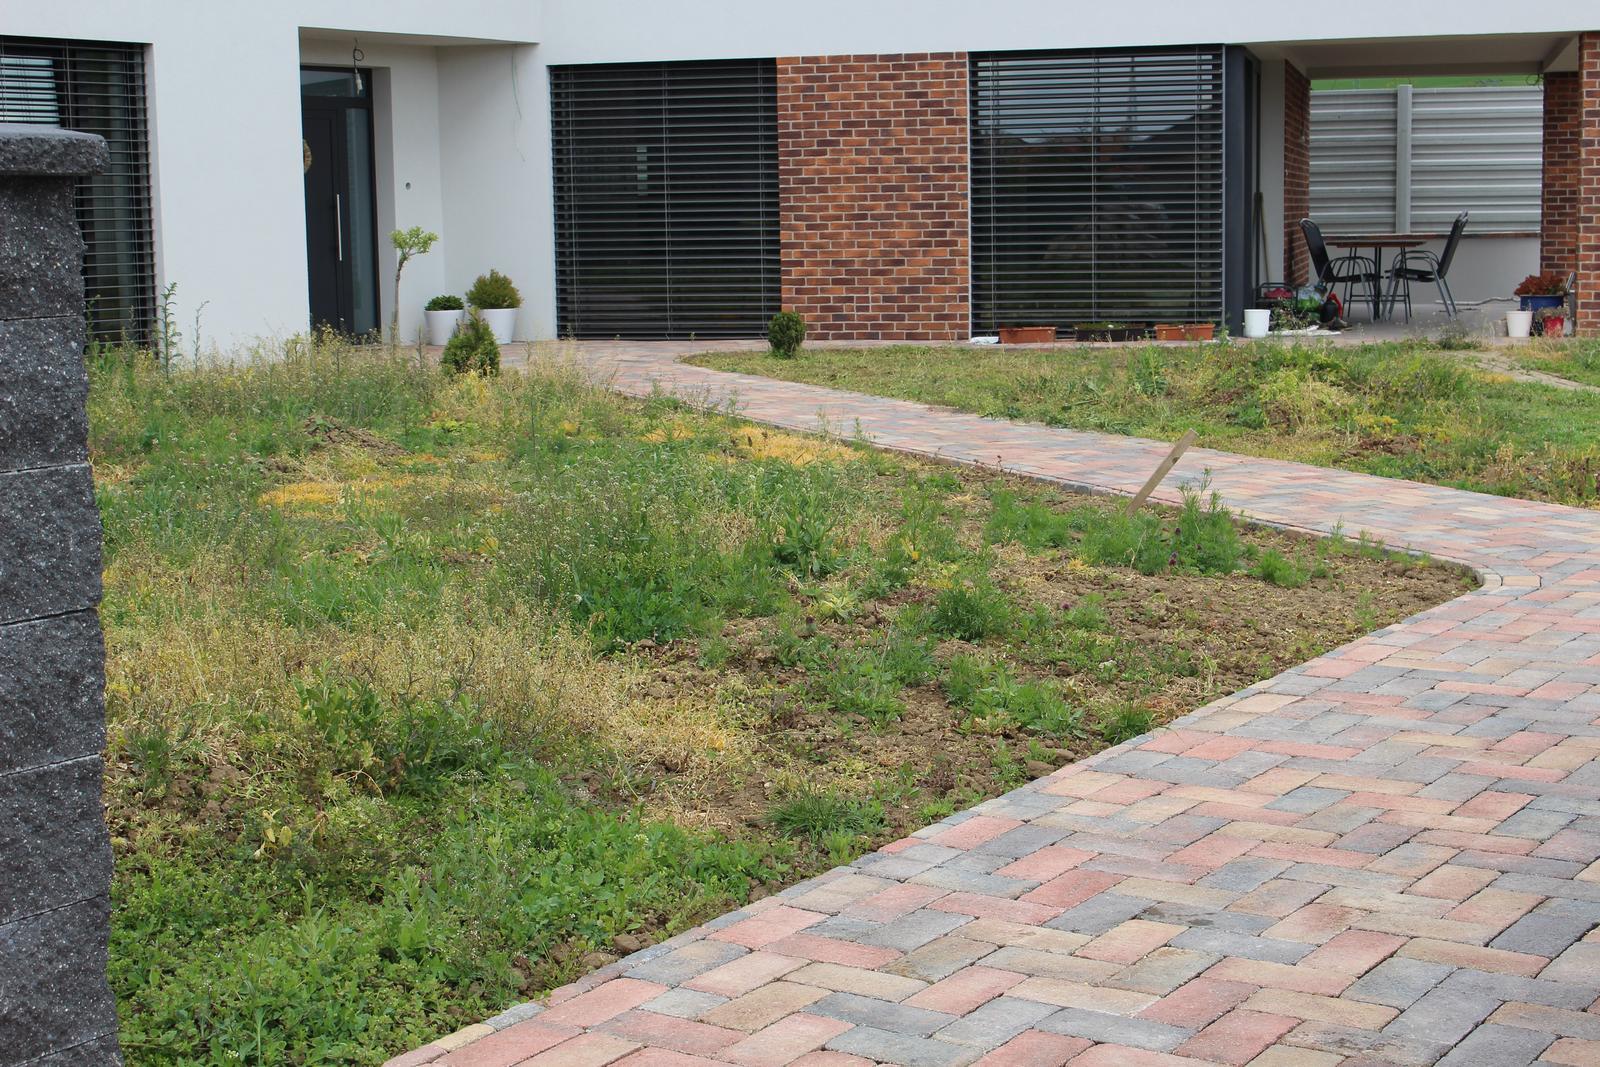 Exteriér - záhrada - Pôvodný stav, máj 2017